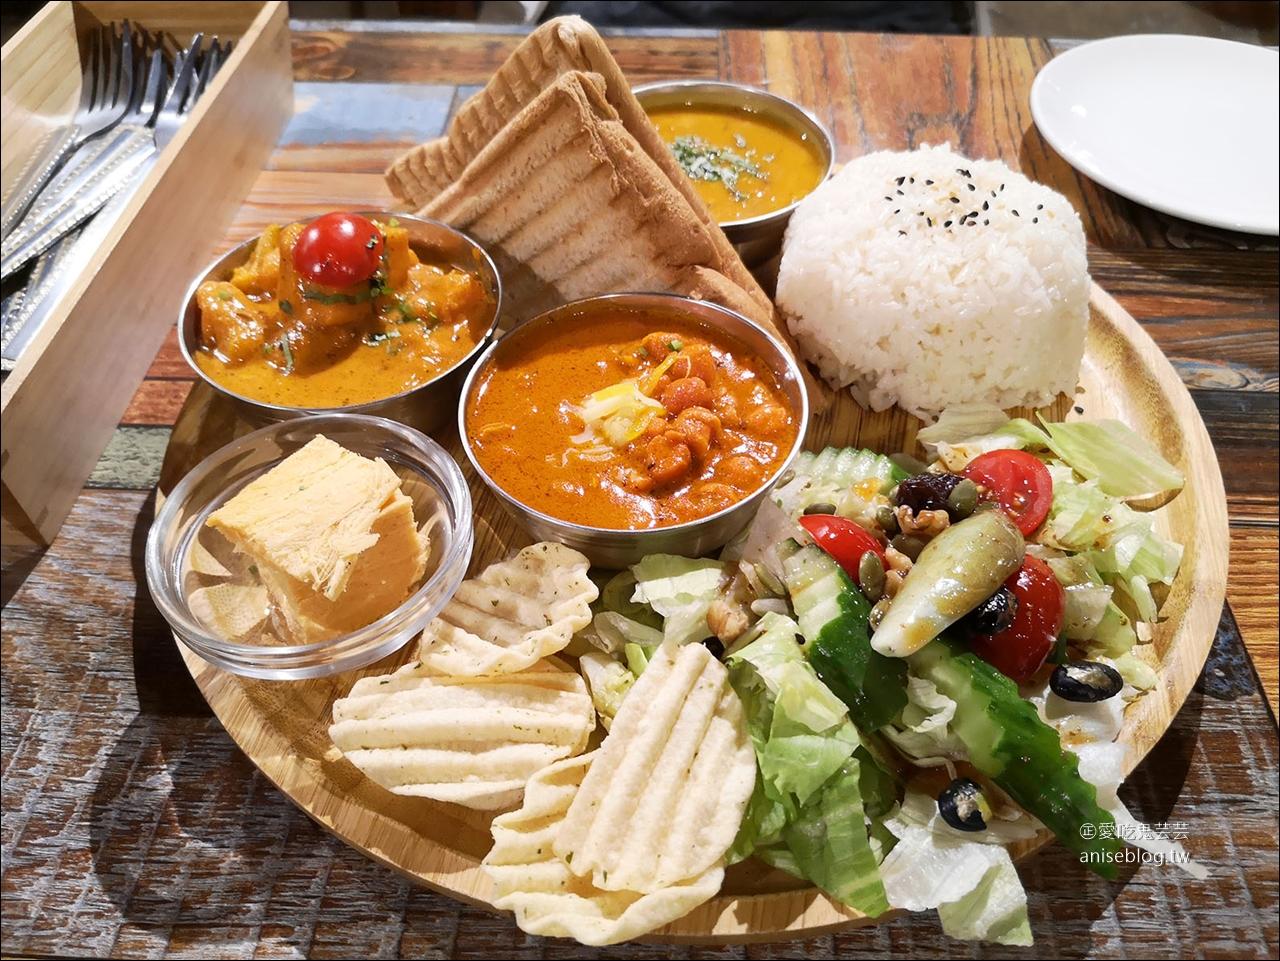 三個傻瓜印度蔬食(大安店),口味偏清淡的印度料理 (附菜單) @愛吃鬼芸芸